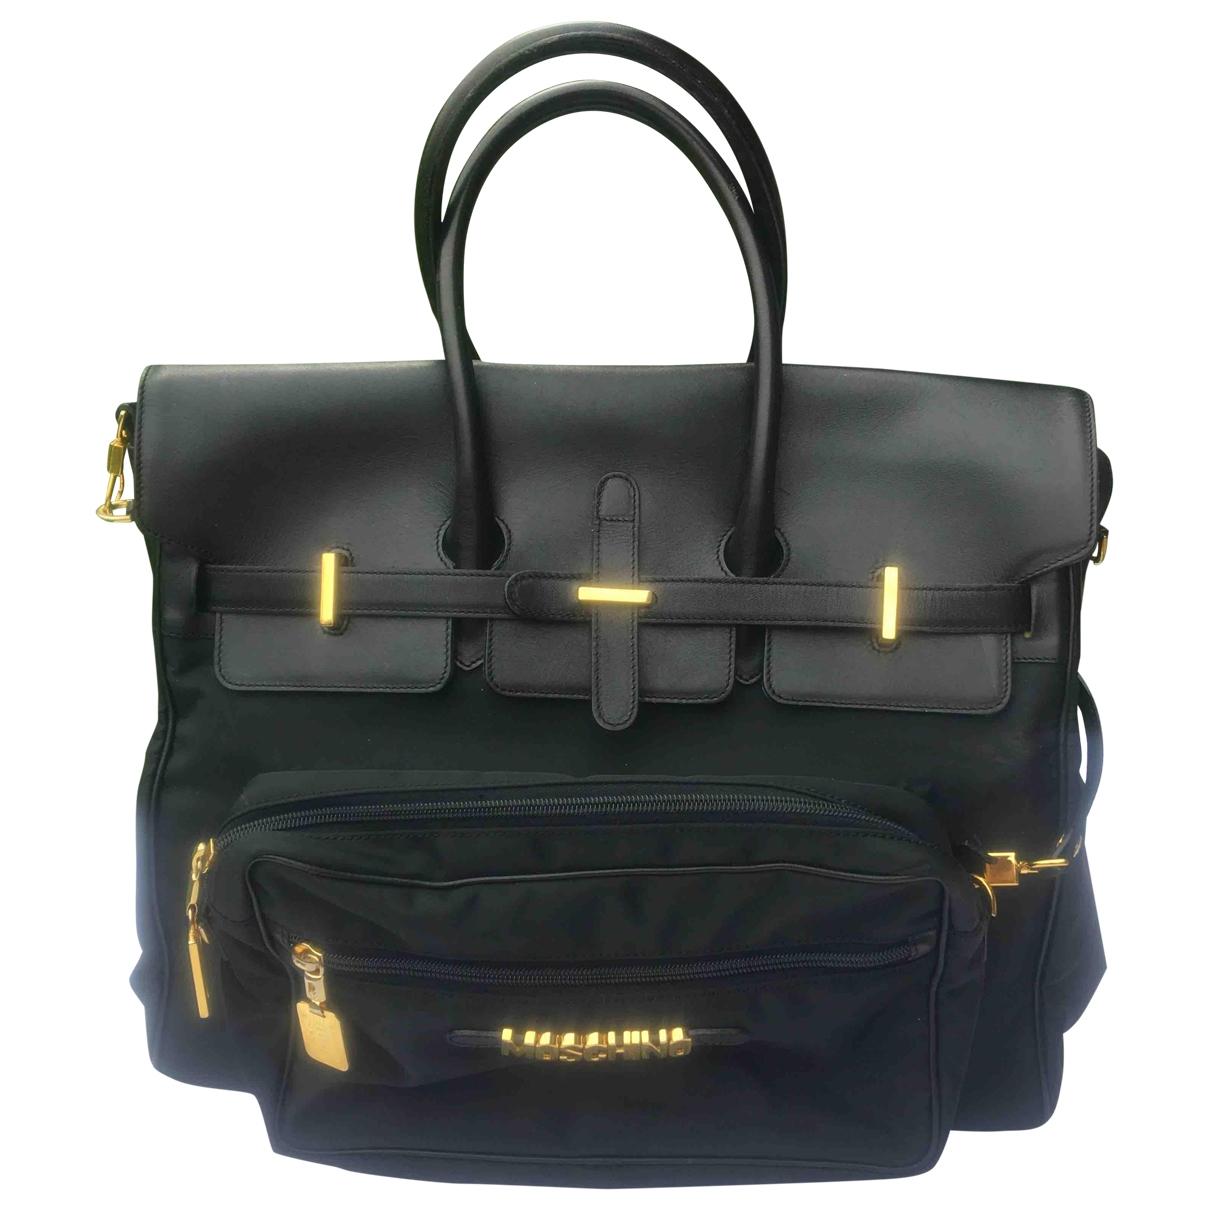 Moschino \N Handtasche in  Schwarz Leinen